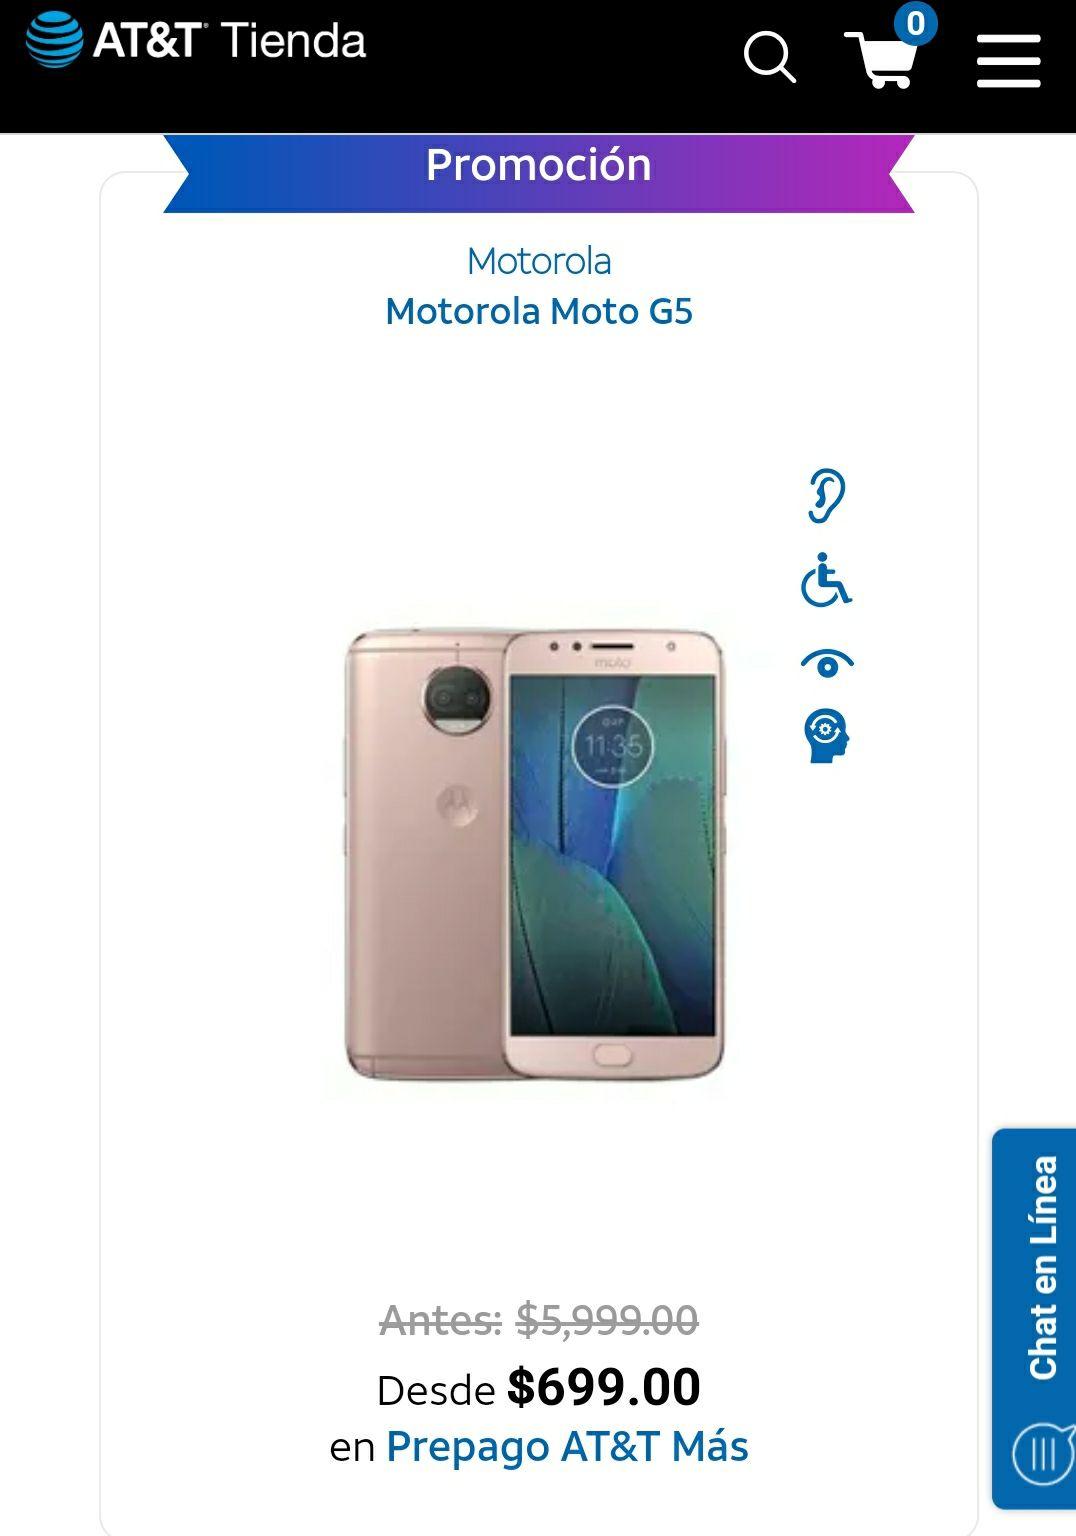 AT&T: Motorola Moto G5